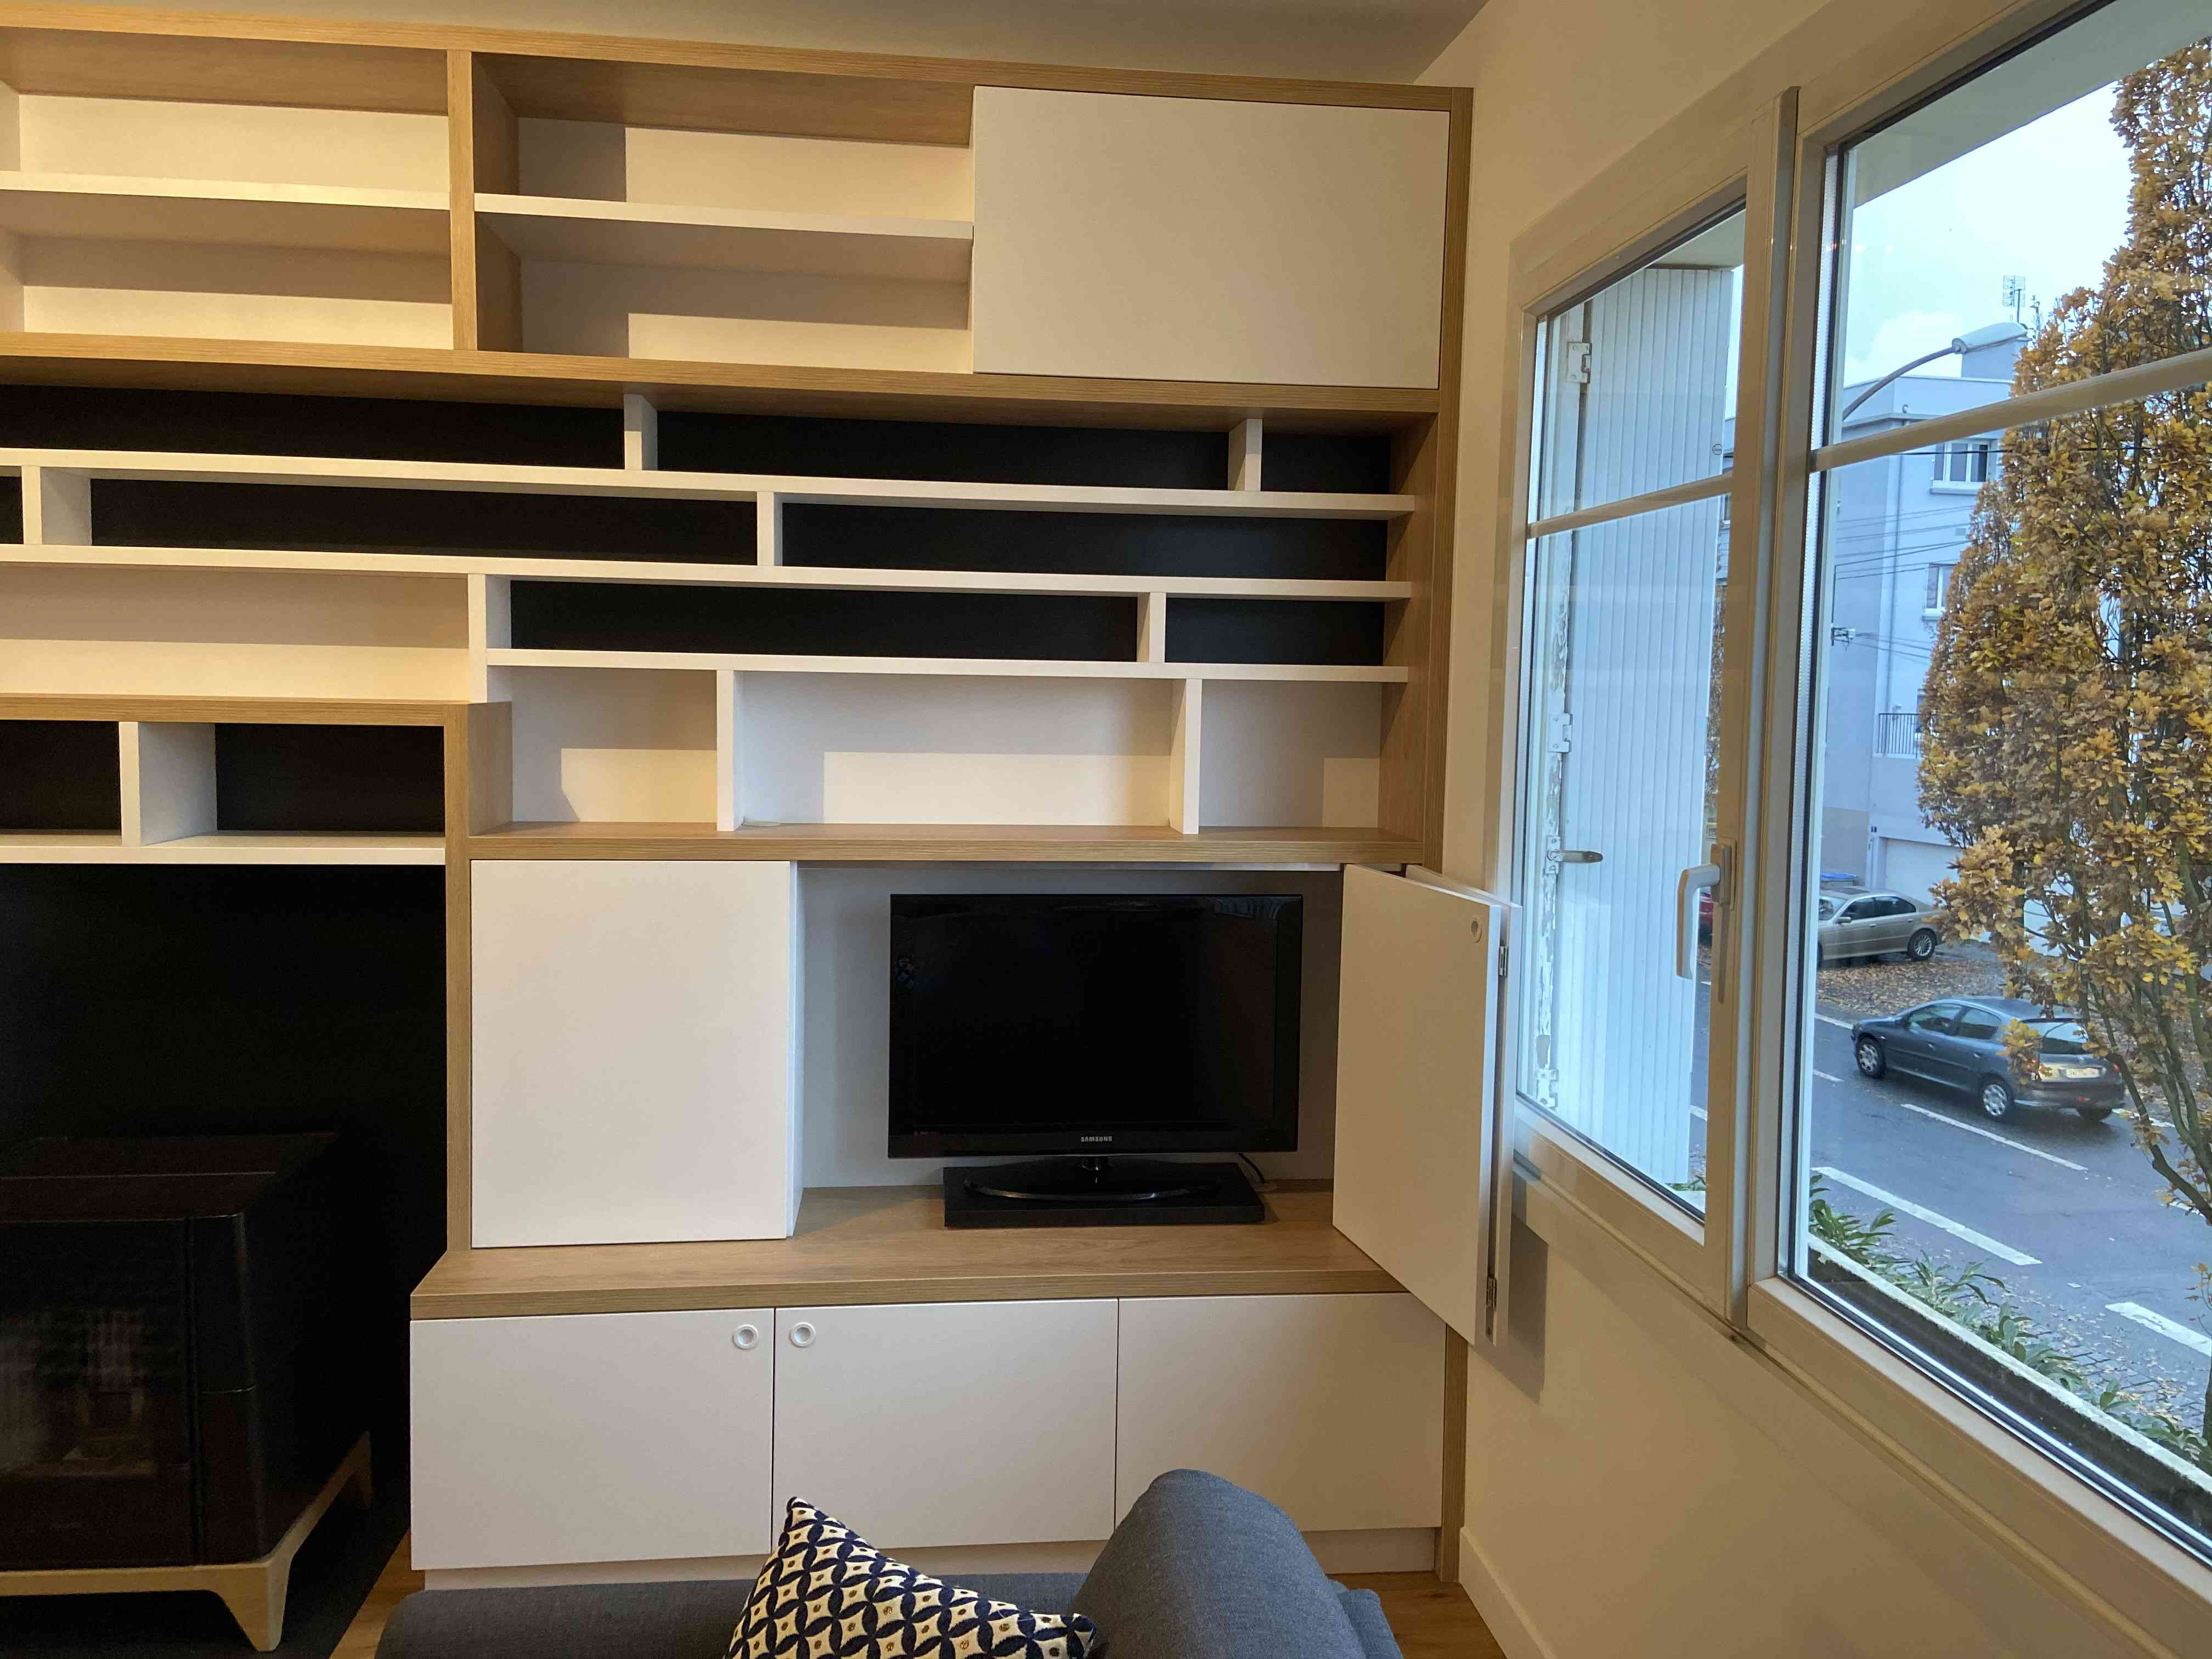 1 Bibliothèque sur mesure salon bois blanc noir 2 - Bibliothèque sur mesure salon bois blanc noir